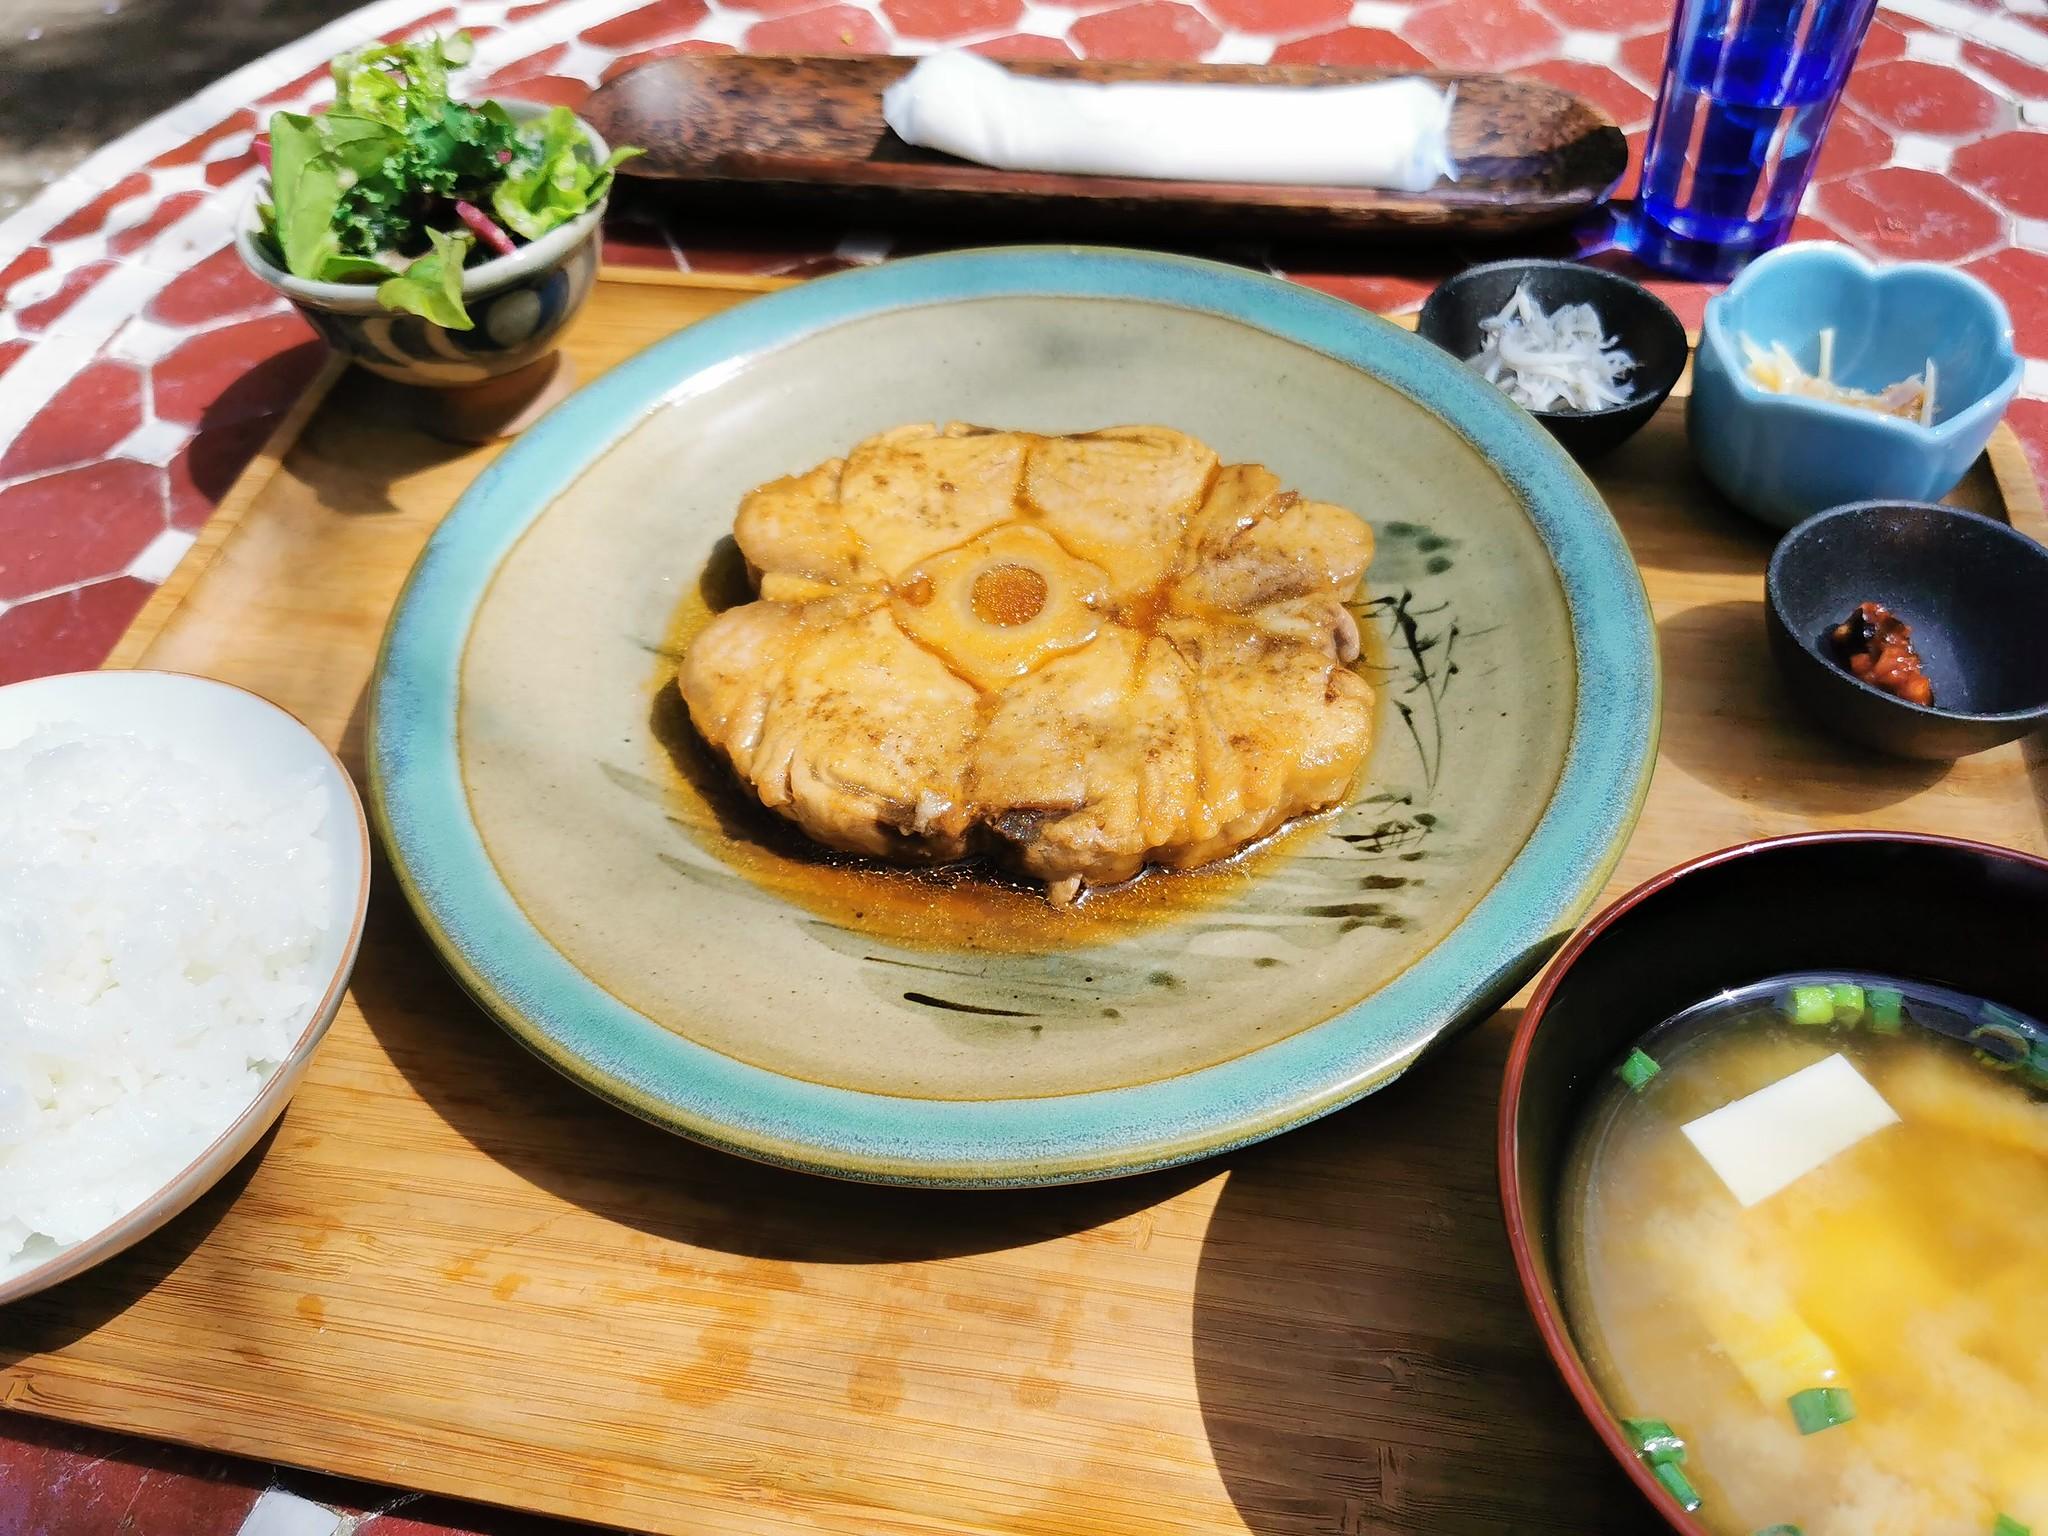 【北鎌倉】Isayah TIME AND SPACE(イザヤ)@北鎌倉らしいゆったりと癒しの時間を堪能できる古民家カフェ。